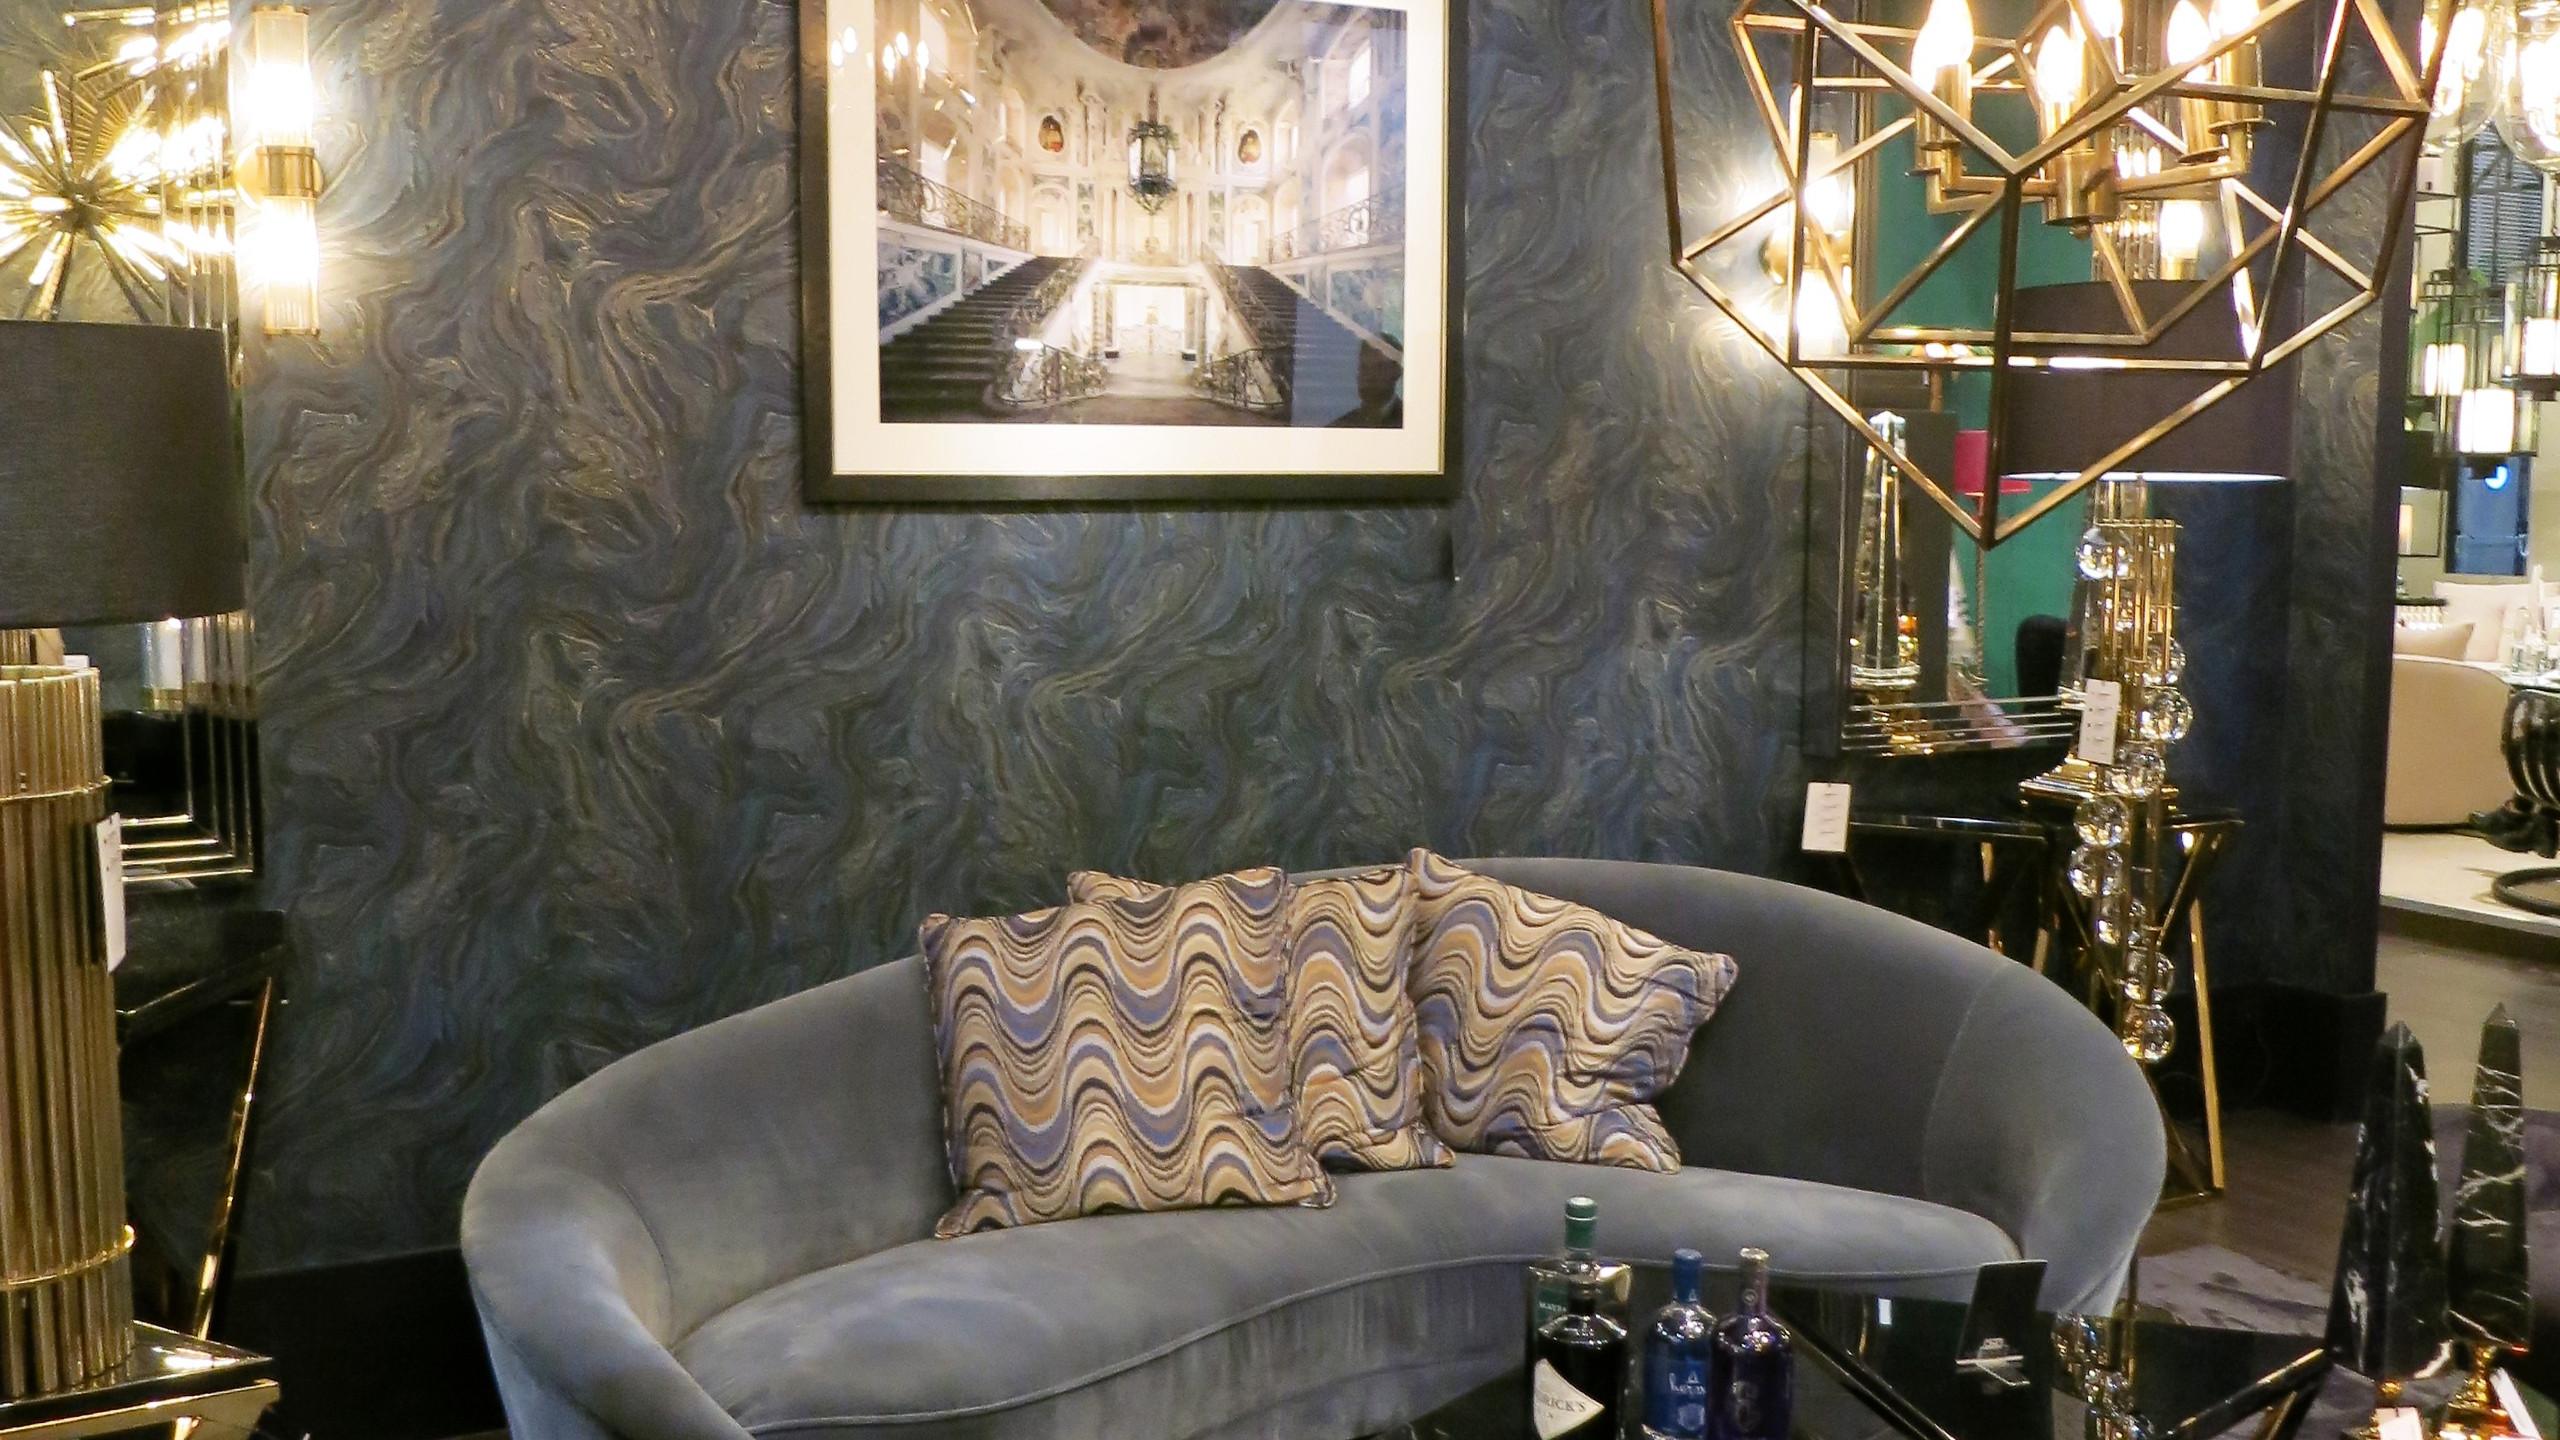 Maison & Objet Paris  Luxuriöses Interior mit Samt, extravaganter Tapete, Messing-Leuchten und außergewöhnlichen Accessoires.